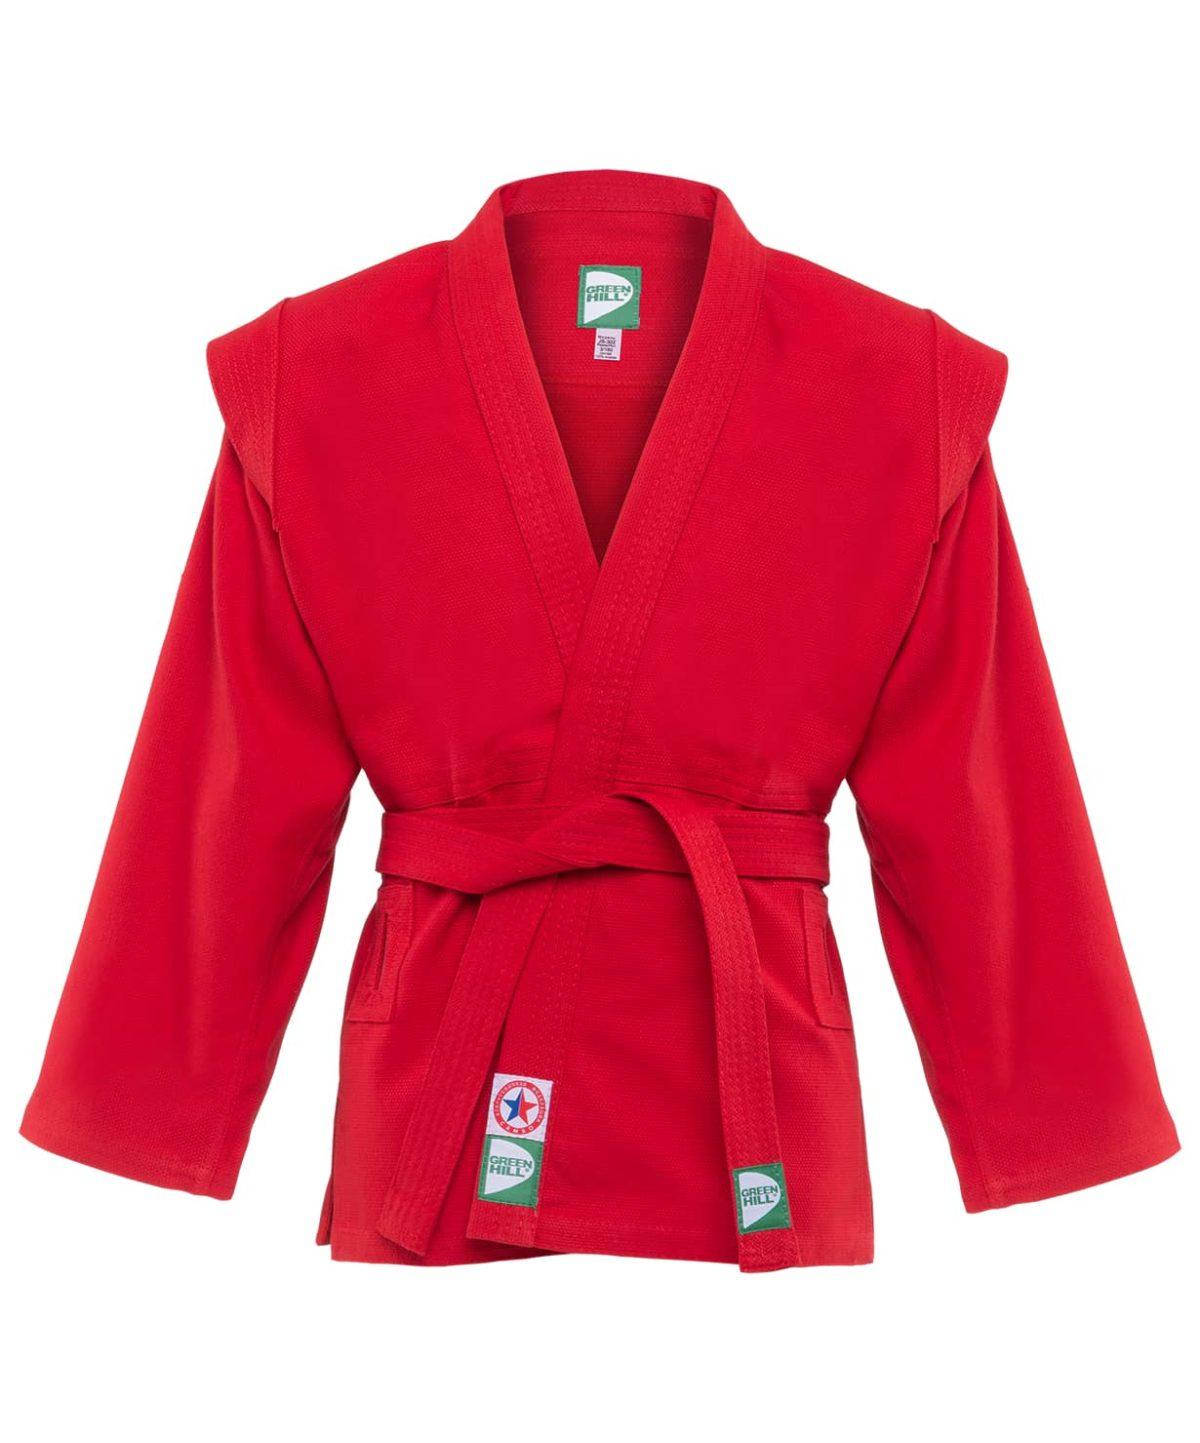 GREEN HILL Куртка для самбо 1/140  JS-302: красный - 1